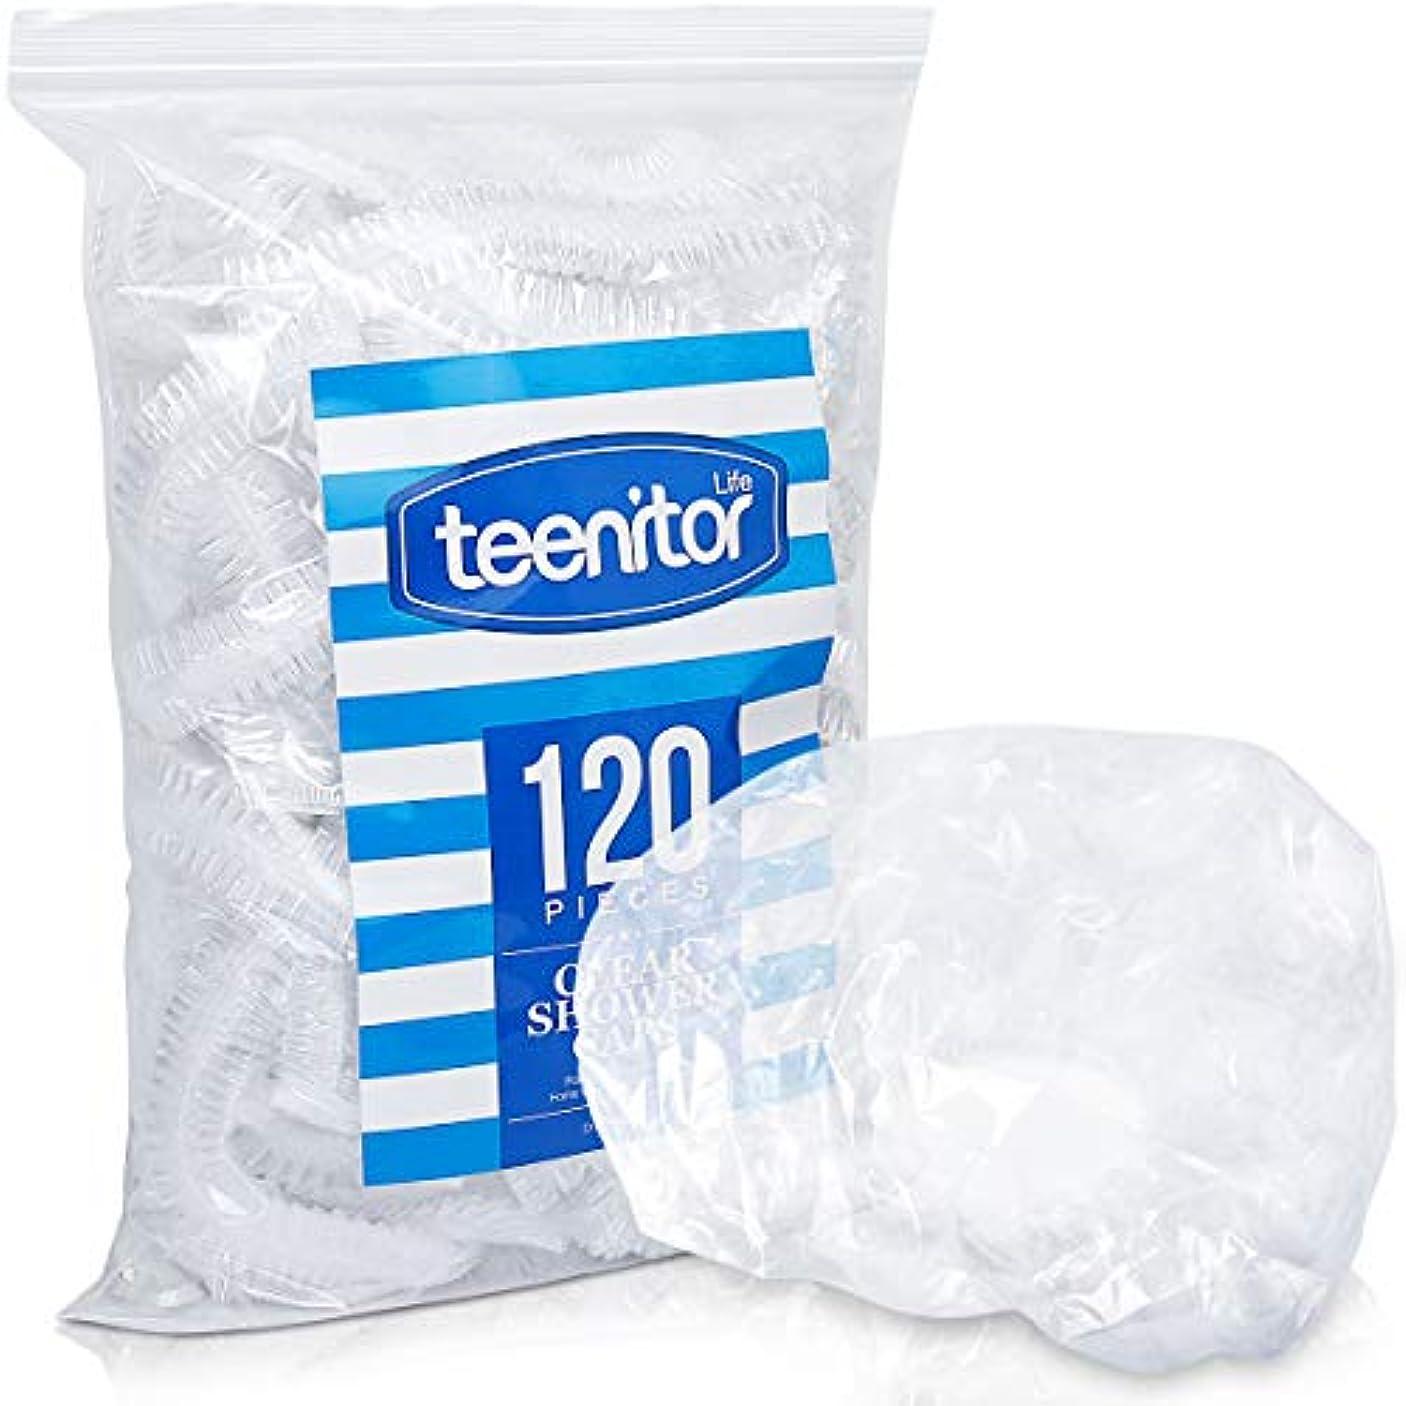 花大宇宙説明するTeenitor 使い捨てキャップ シャワーキャップ ヘアキャップ120枚 高品質 髪染め用 ヘアカラー用 サロン用 業務用 フリーサイズ 男女兼用